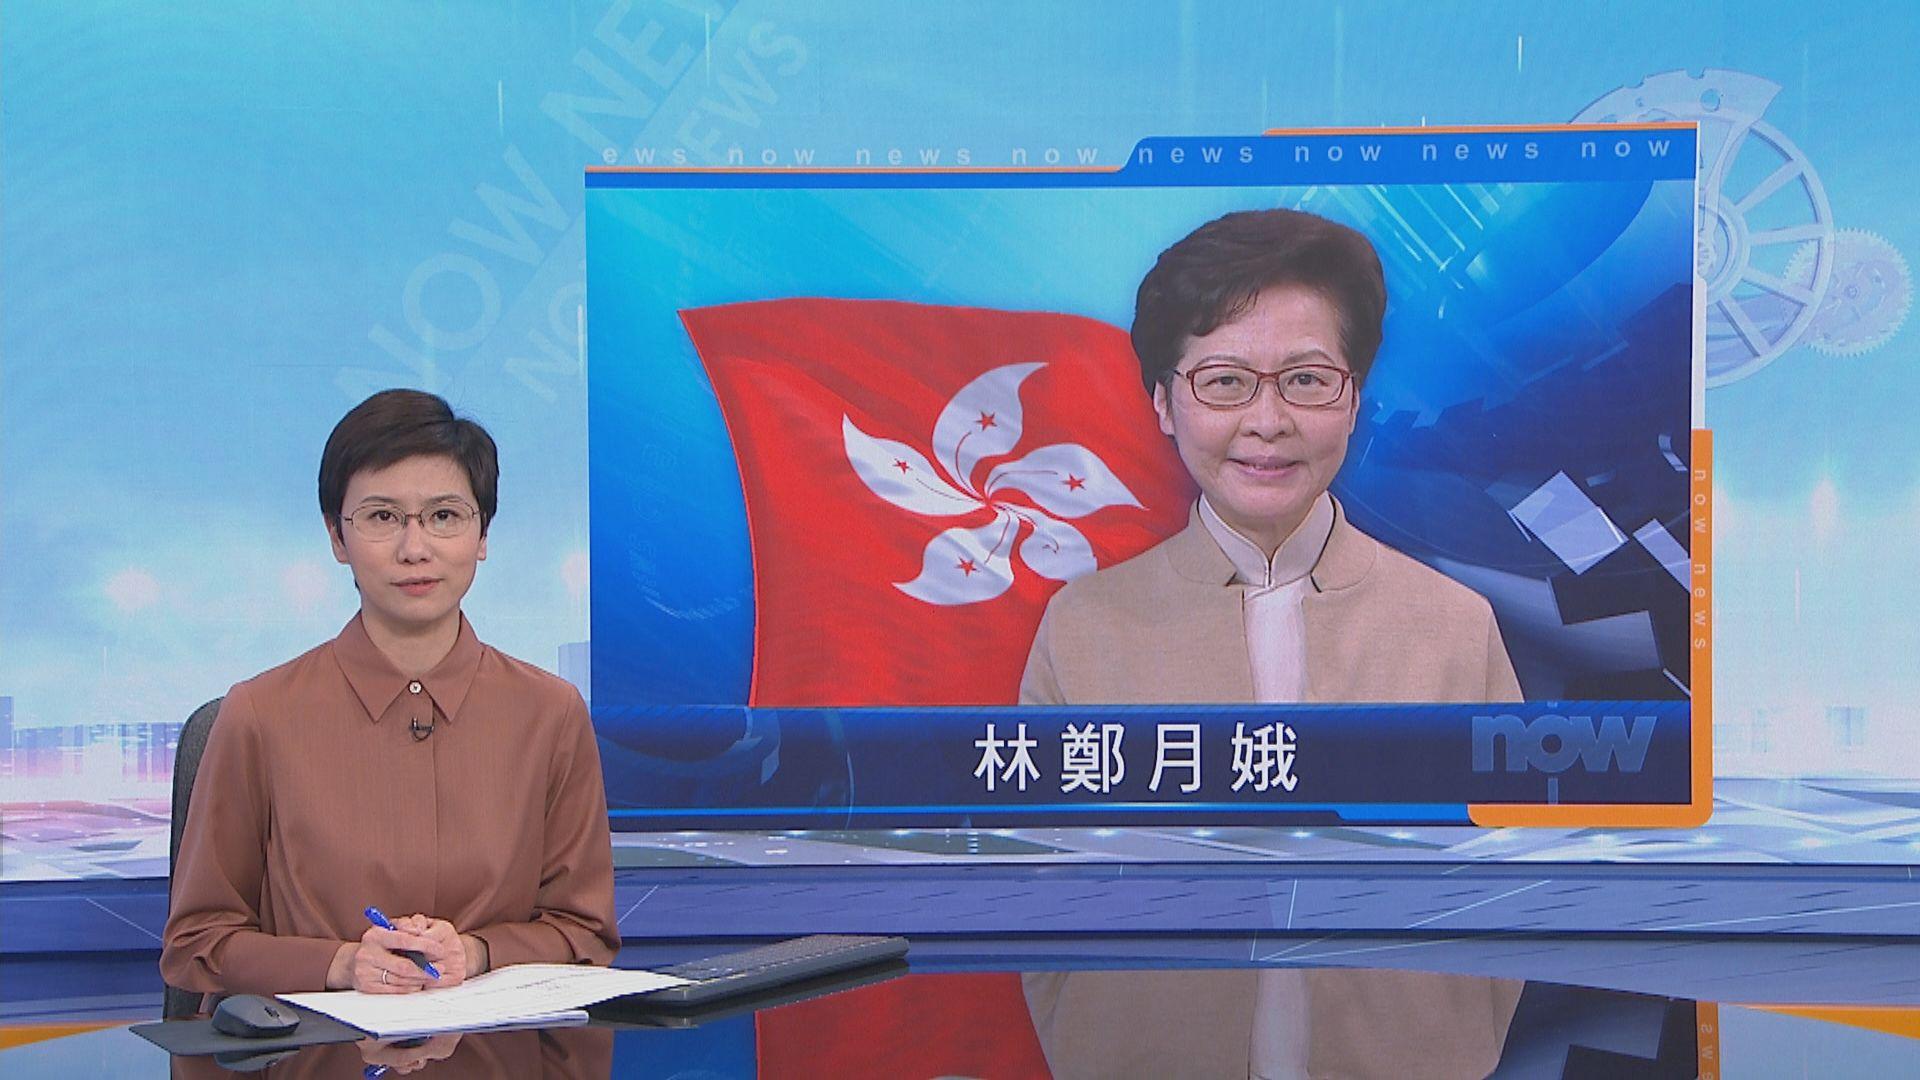 發改委:香港在國家發展中不會缺席 有能力促進國內國際雙循環